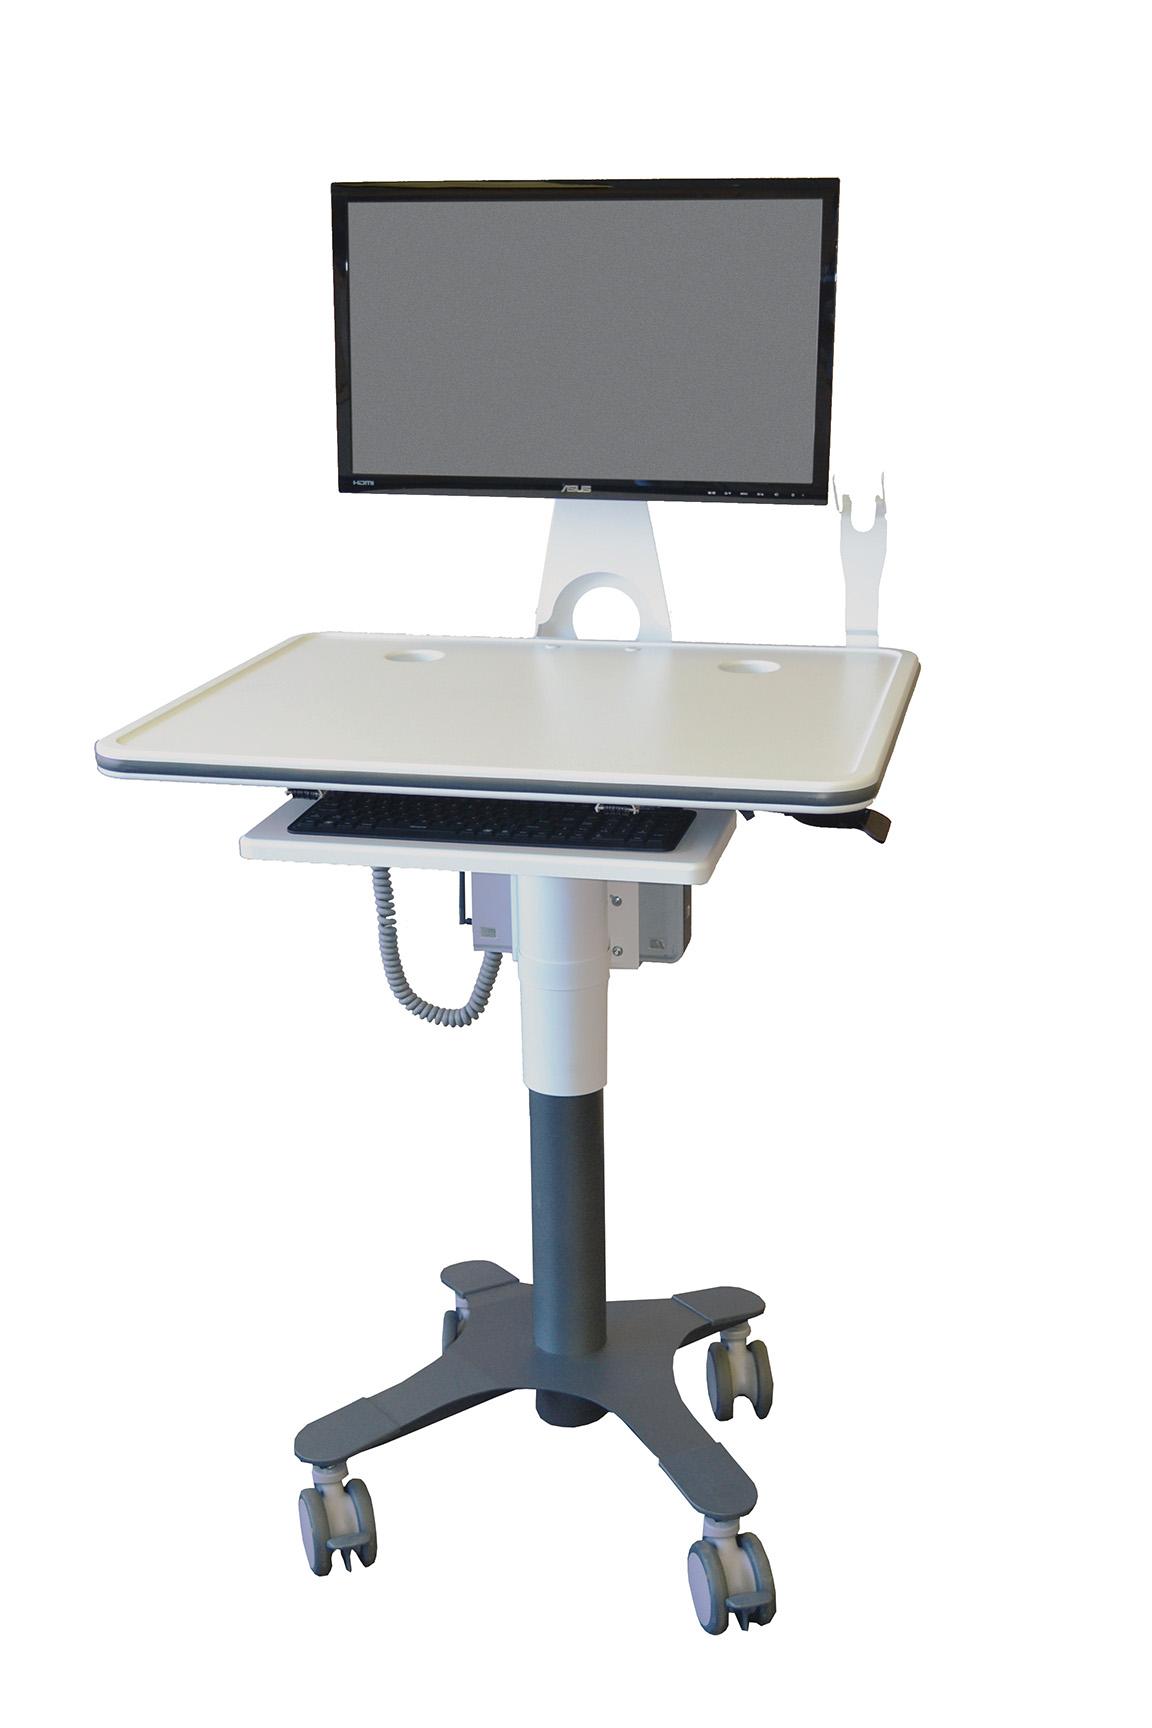 computer on wheels asr healthcare. Black Bedroom Furniture Sets. Home Design Ideas